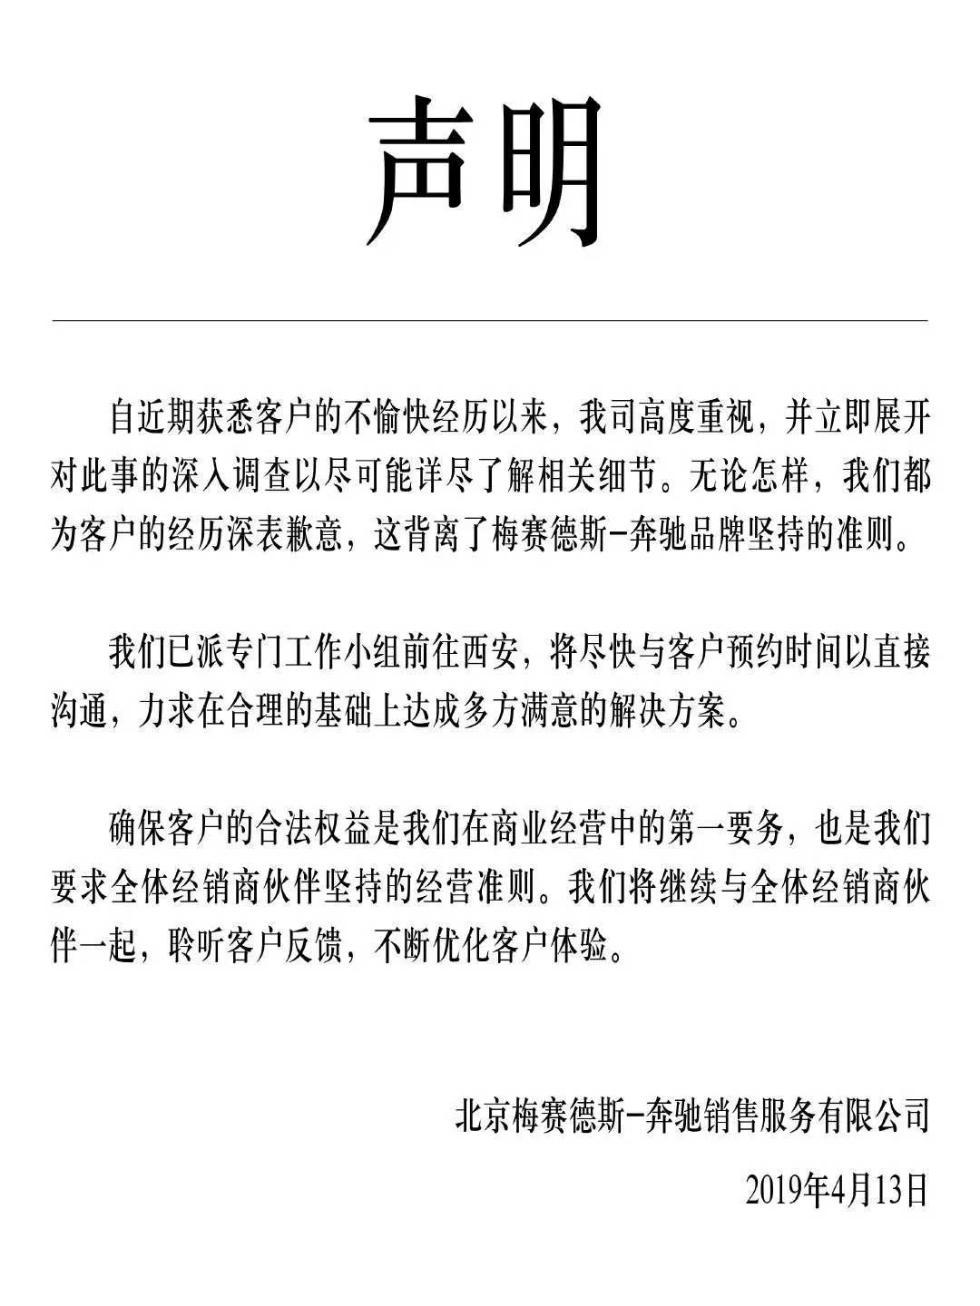 奔驰女车主维权事件细节浮出水面 女车主发声: